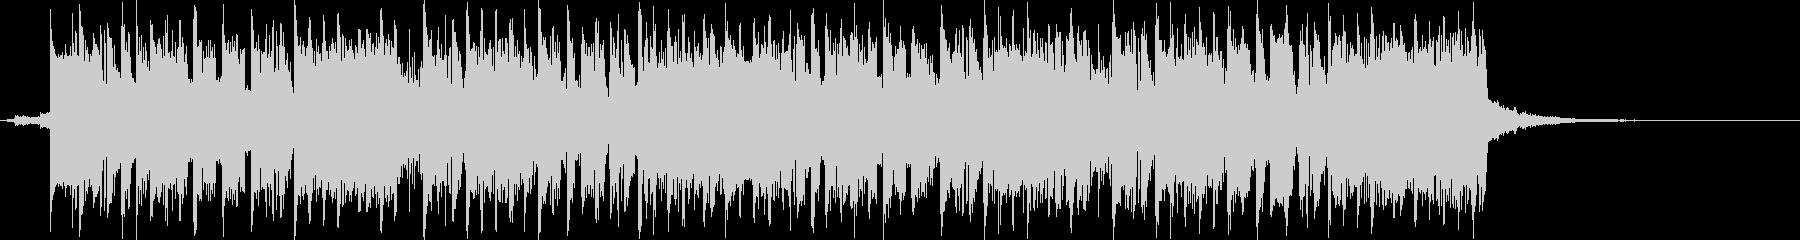 8bit感のあるロックポップの曲の未再生の波形